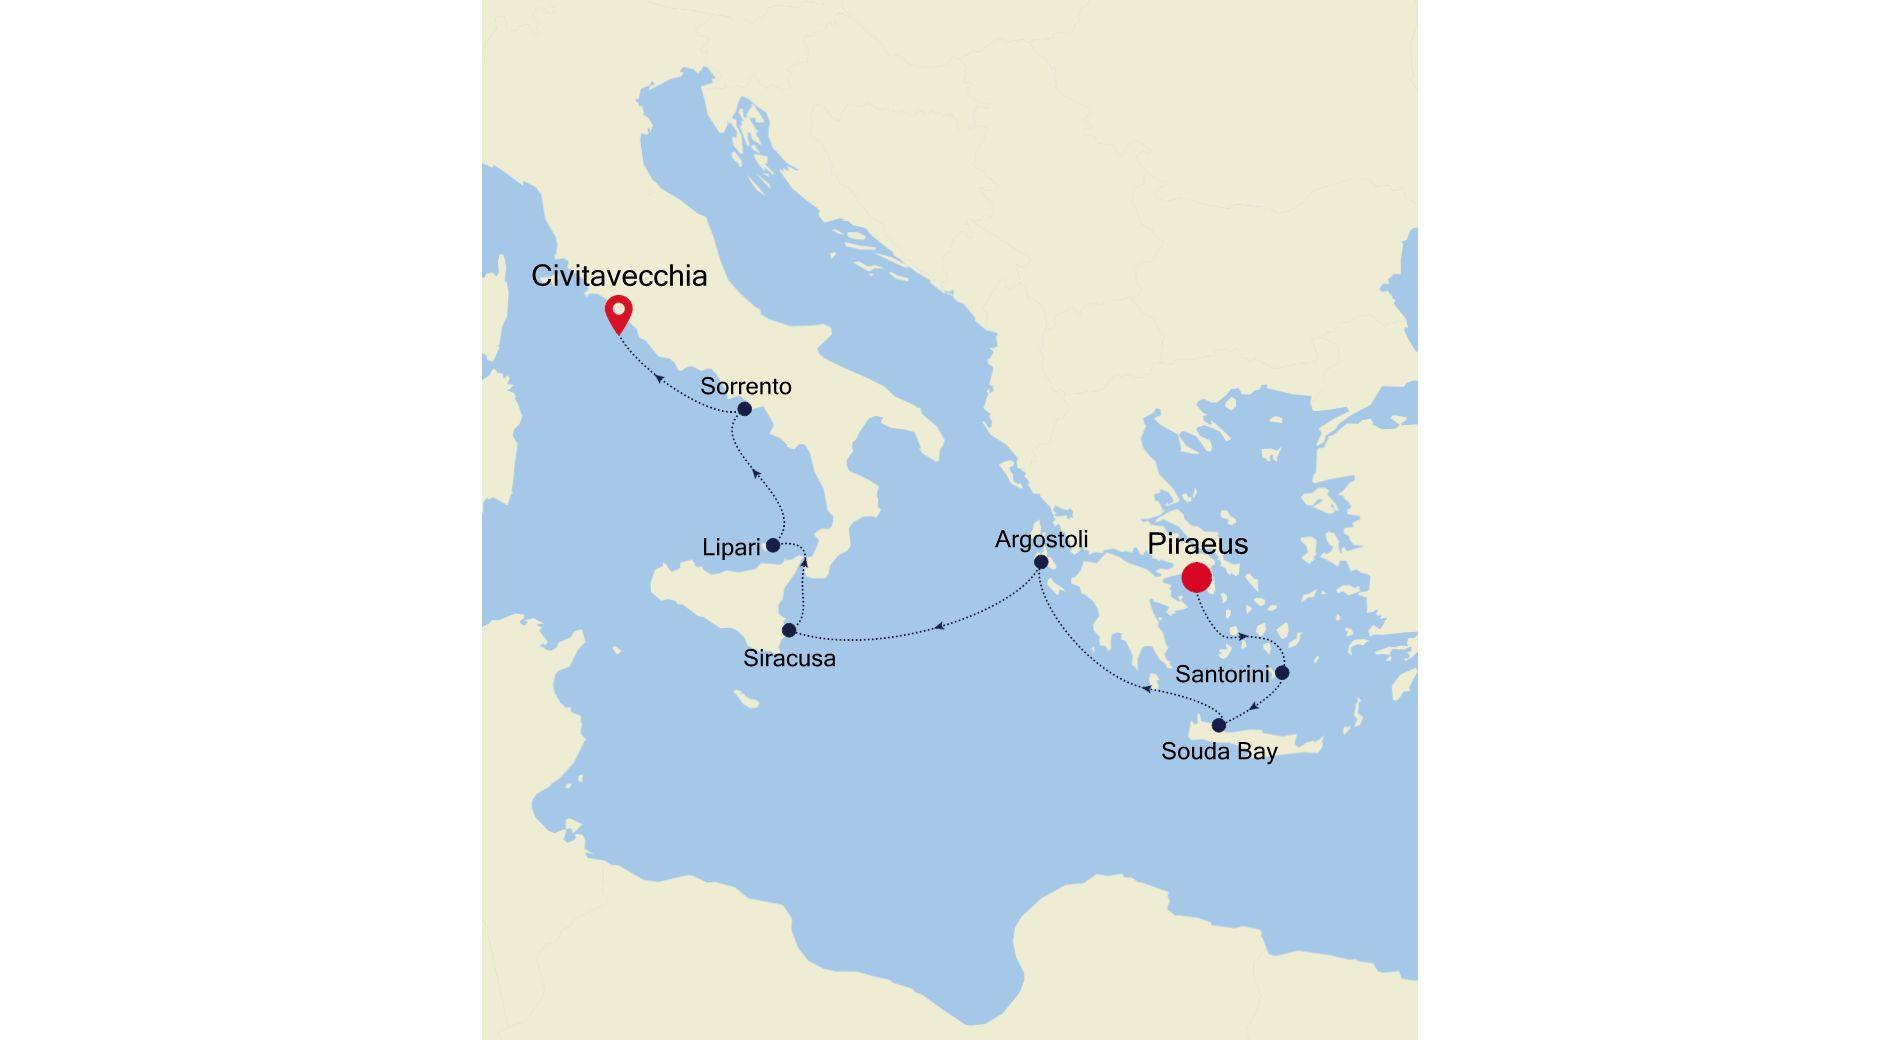 SS210720007 - Athens a Civitavecchia